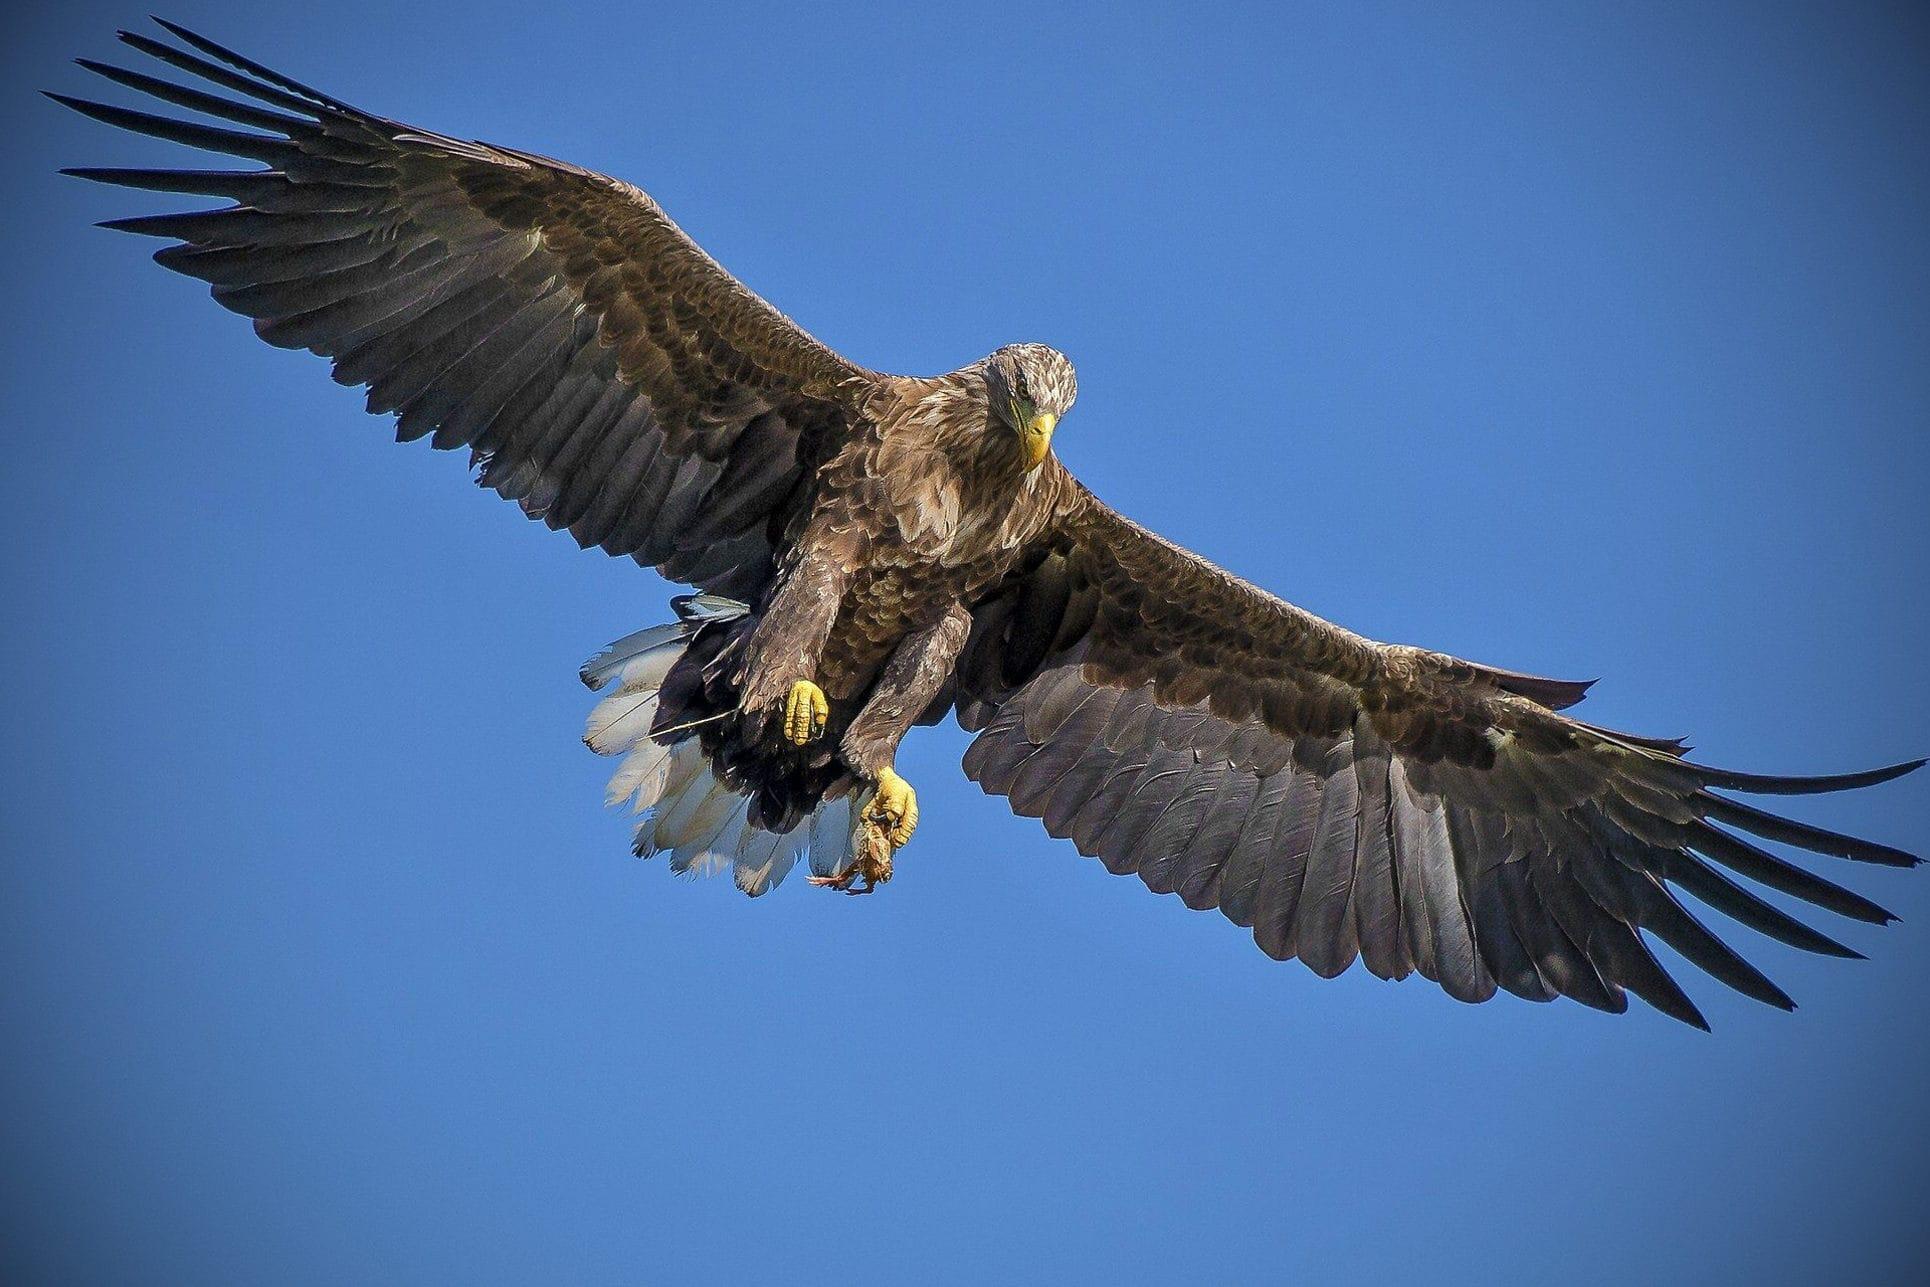 Птицы с перьями темного цвета движутся в полете более эффективно